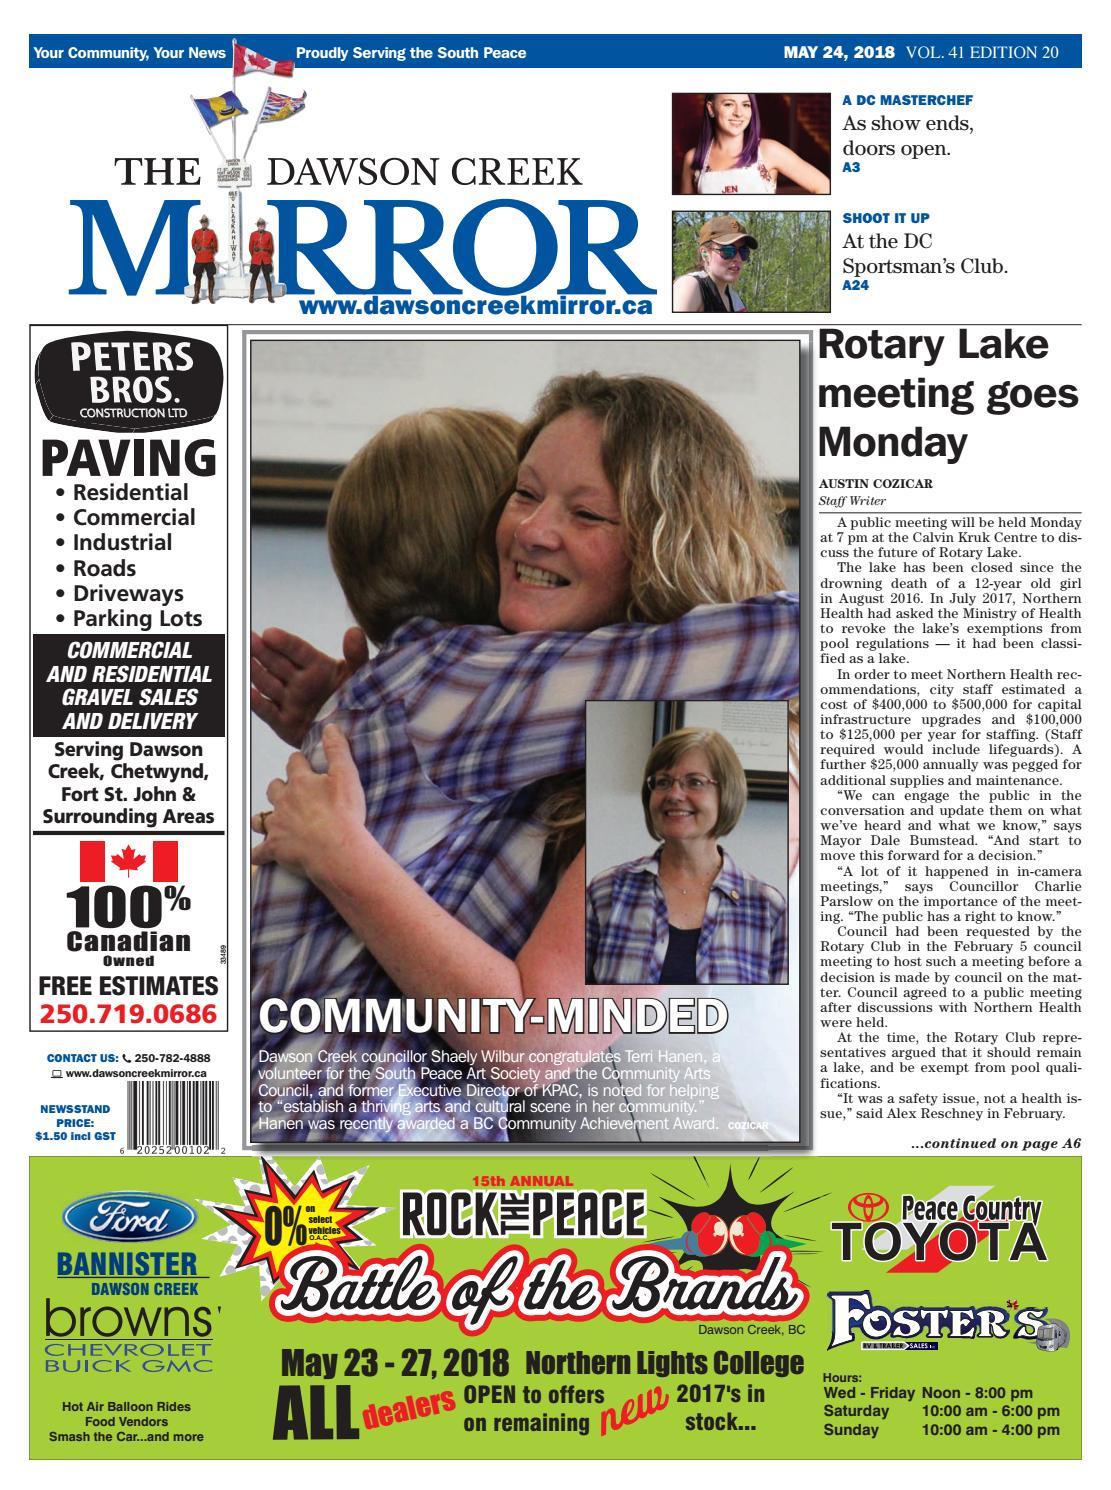 c8dfe68fc6a Dawson Creek Mirror 2018-0524 by The Mirror - issuu